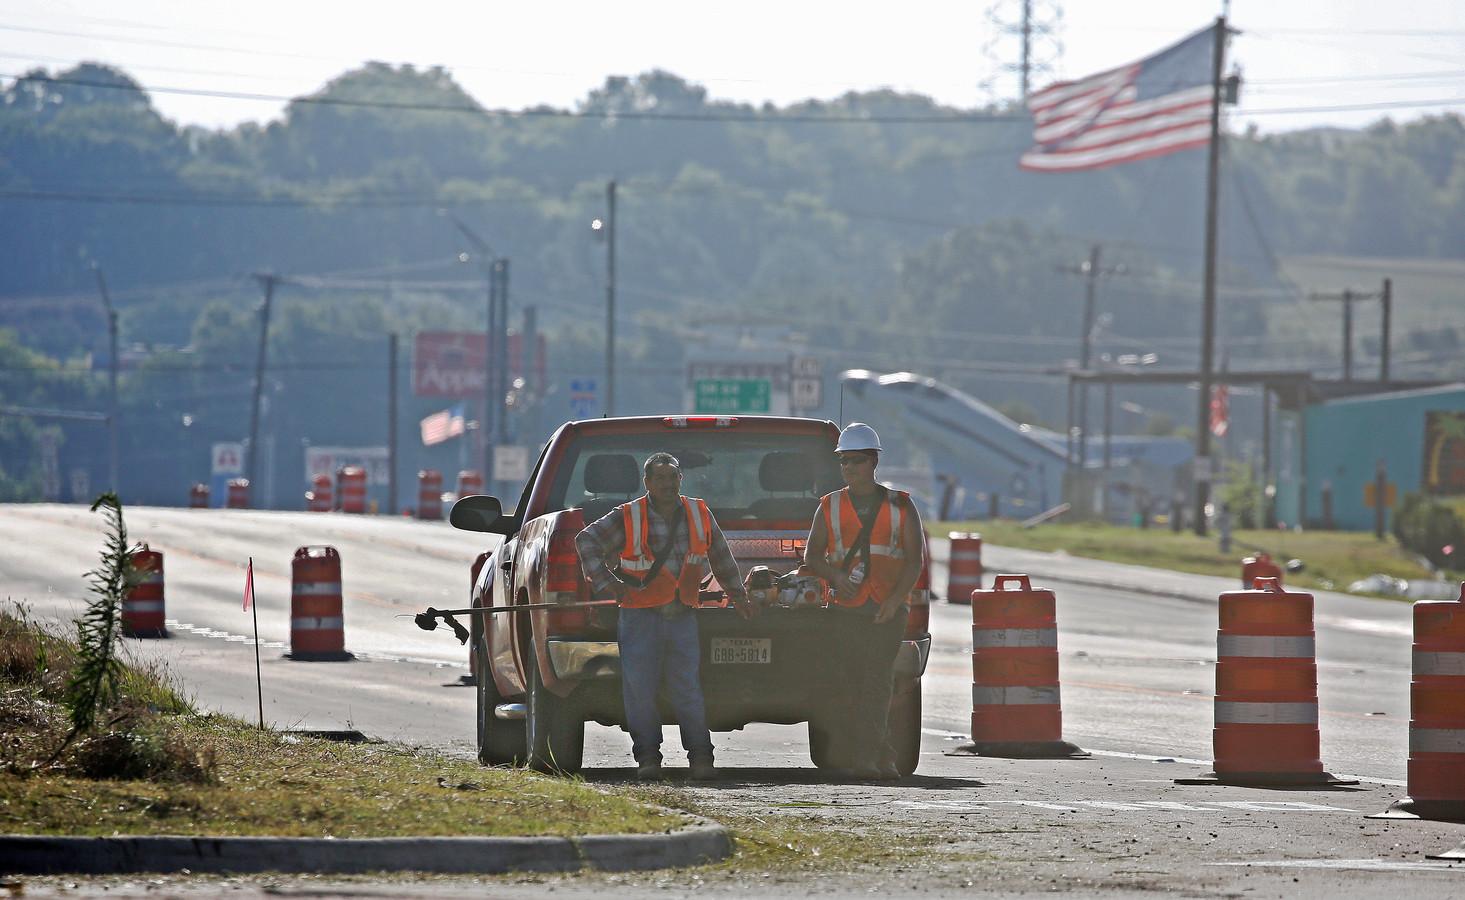 Wegwerkers nemen pauze in de volle zon in Texas. De staat gaat momenteel gebukt onder een hittegolf.